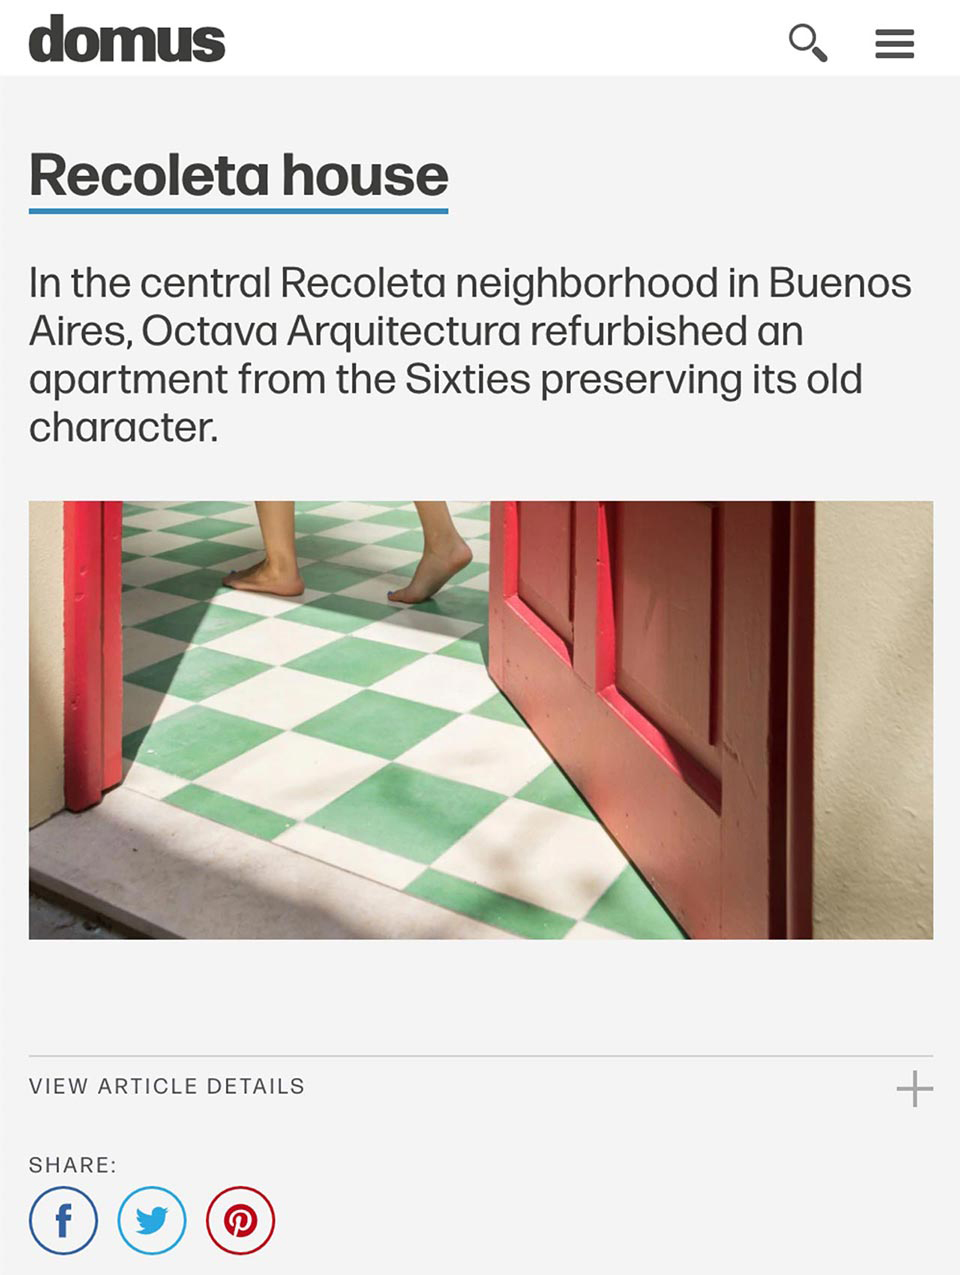 Artículo de Octava Arquitectura en Domus Web